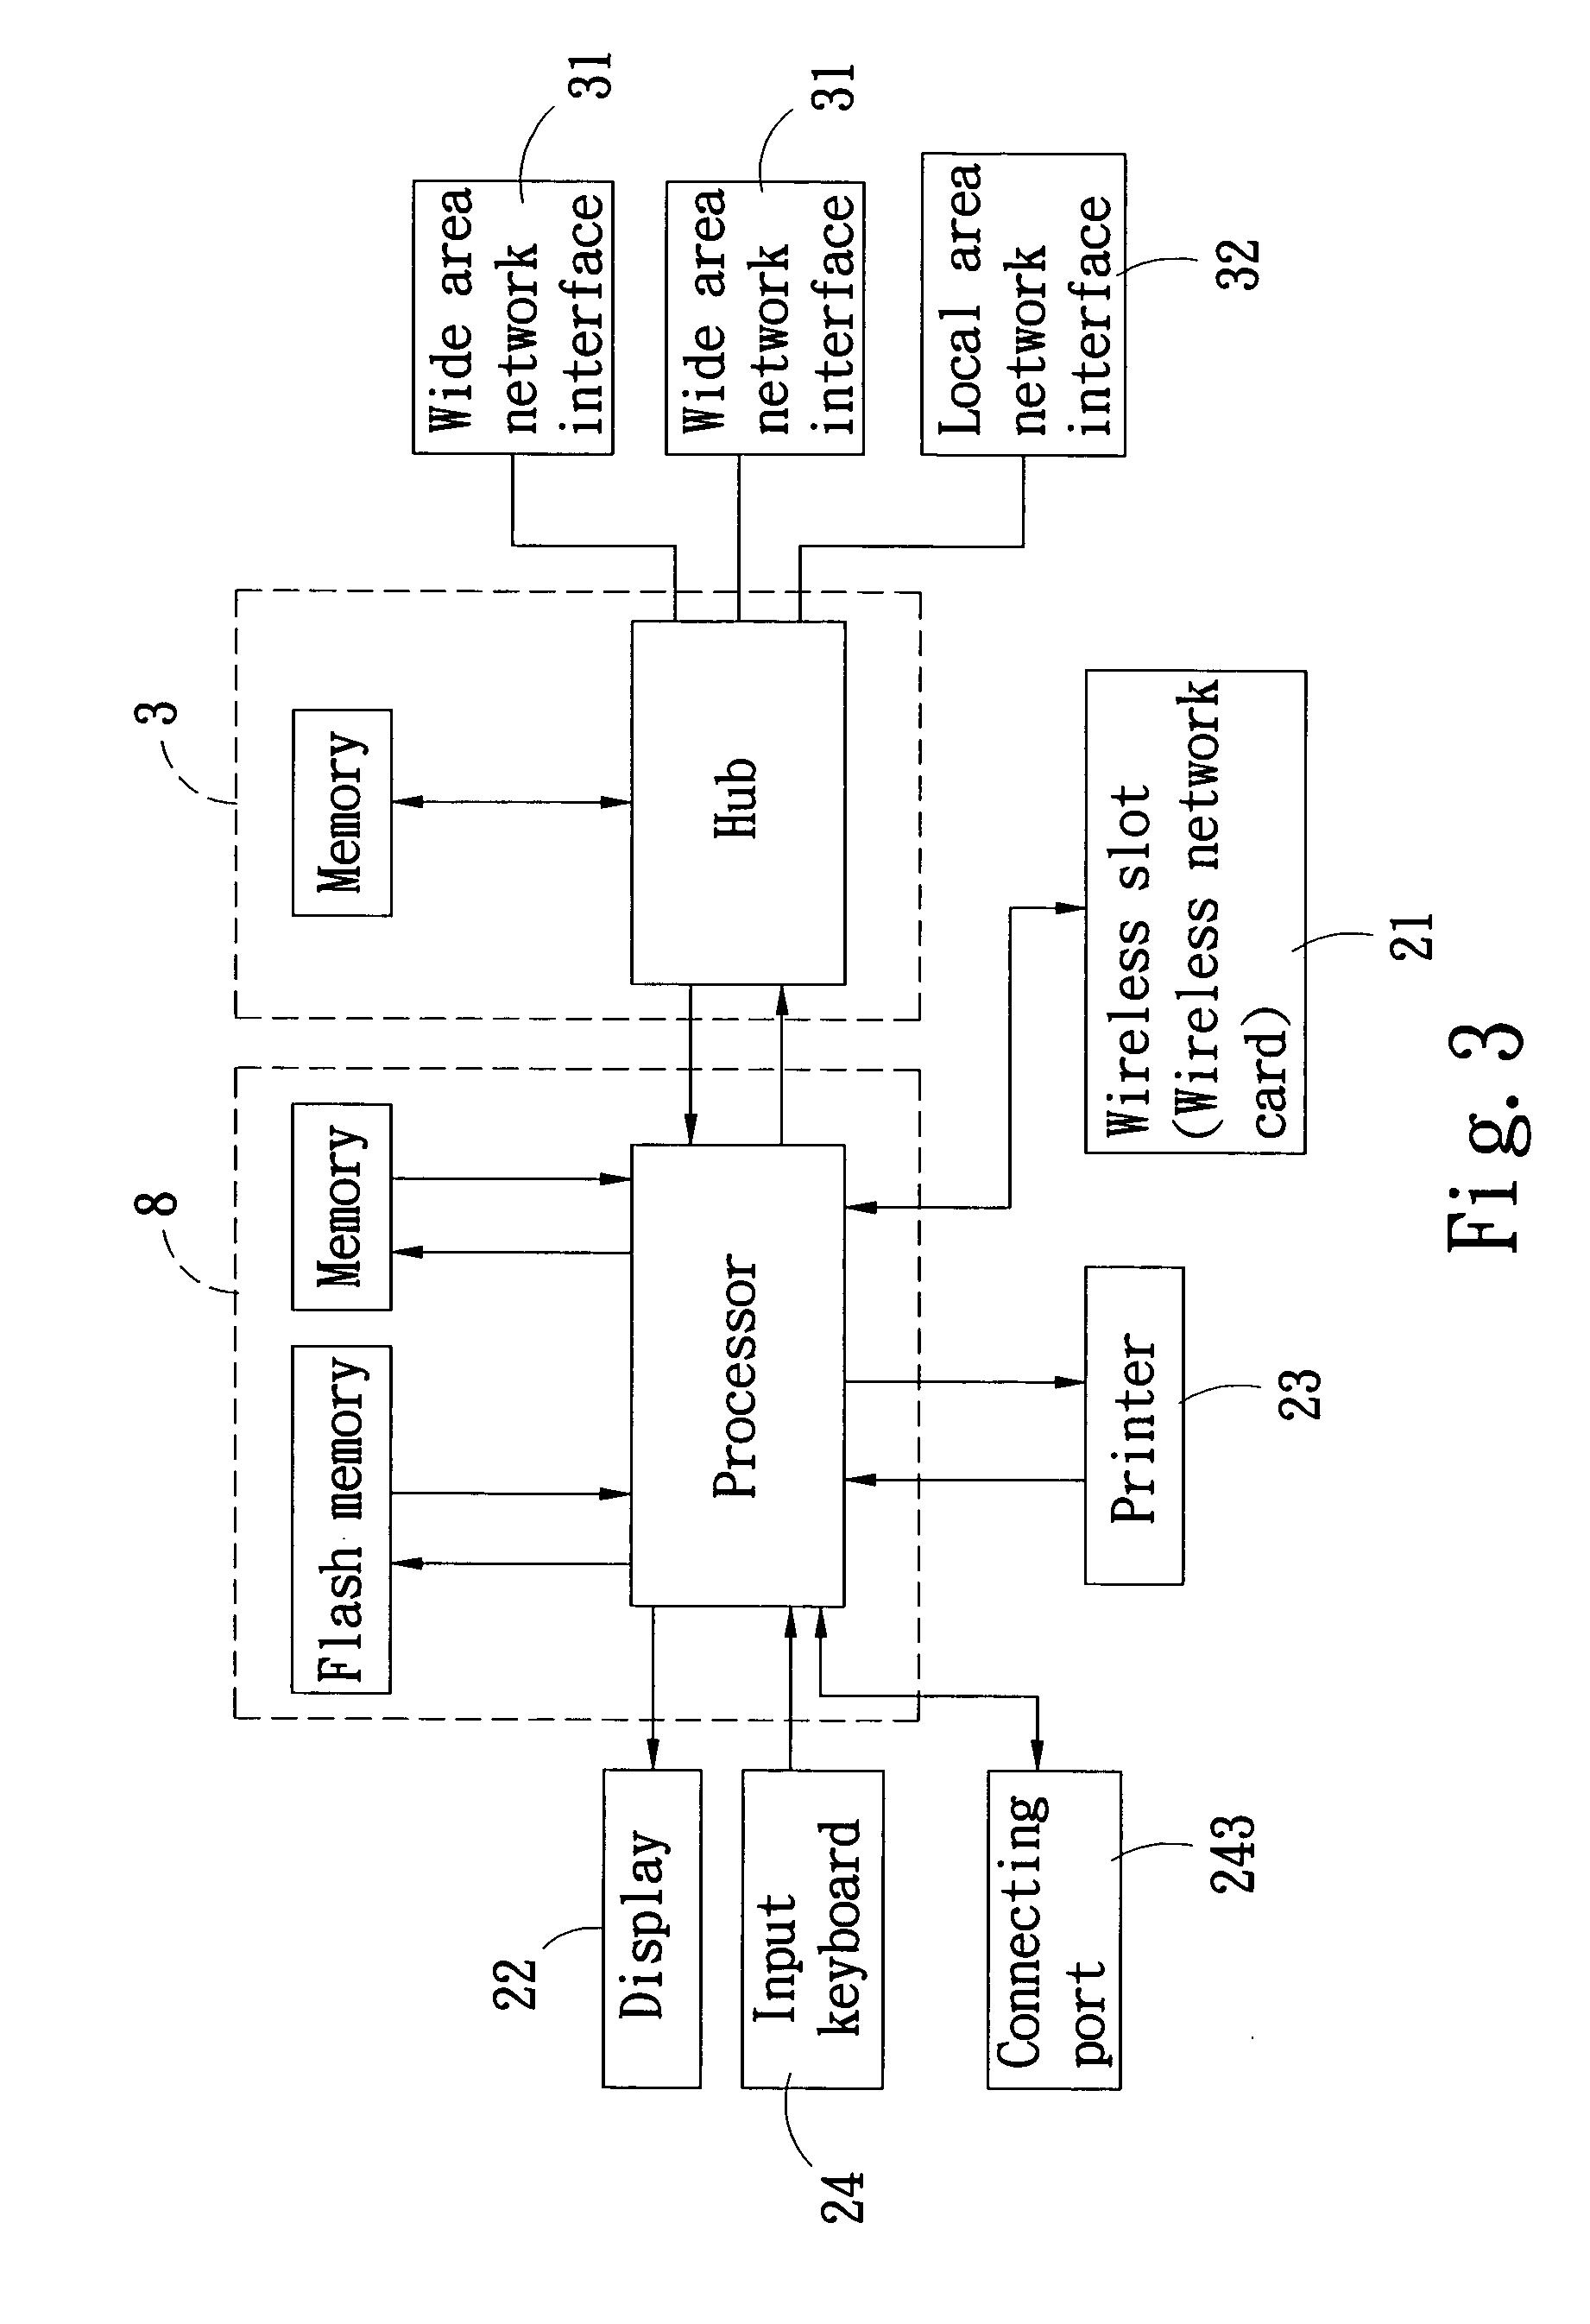 patent us20050197935